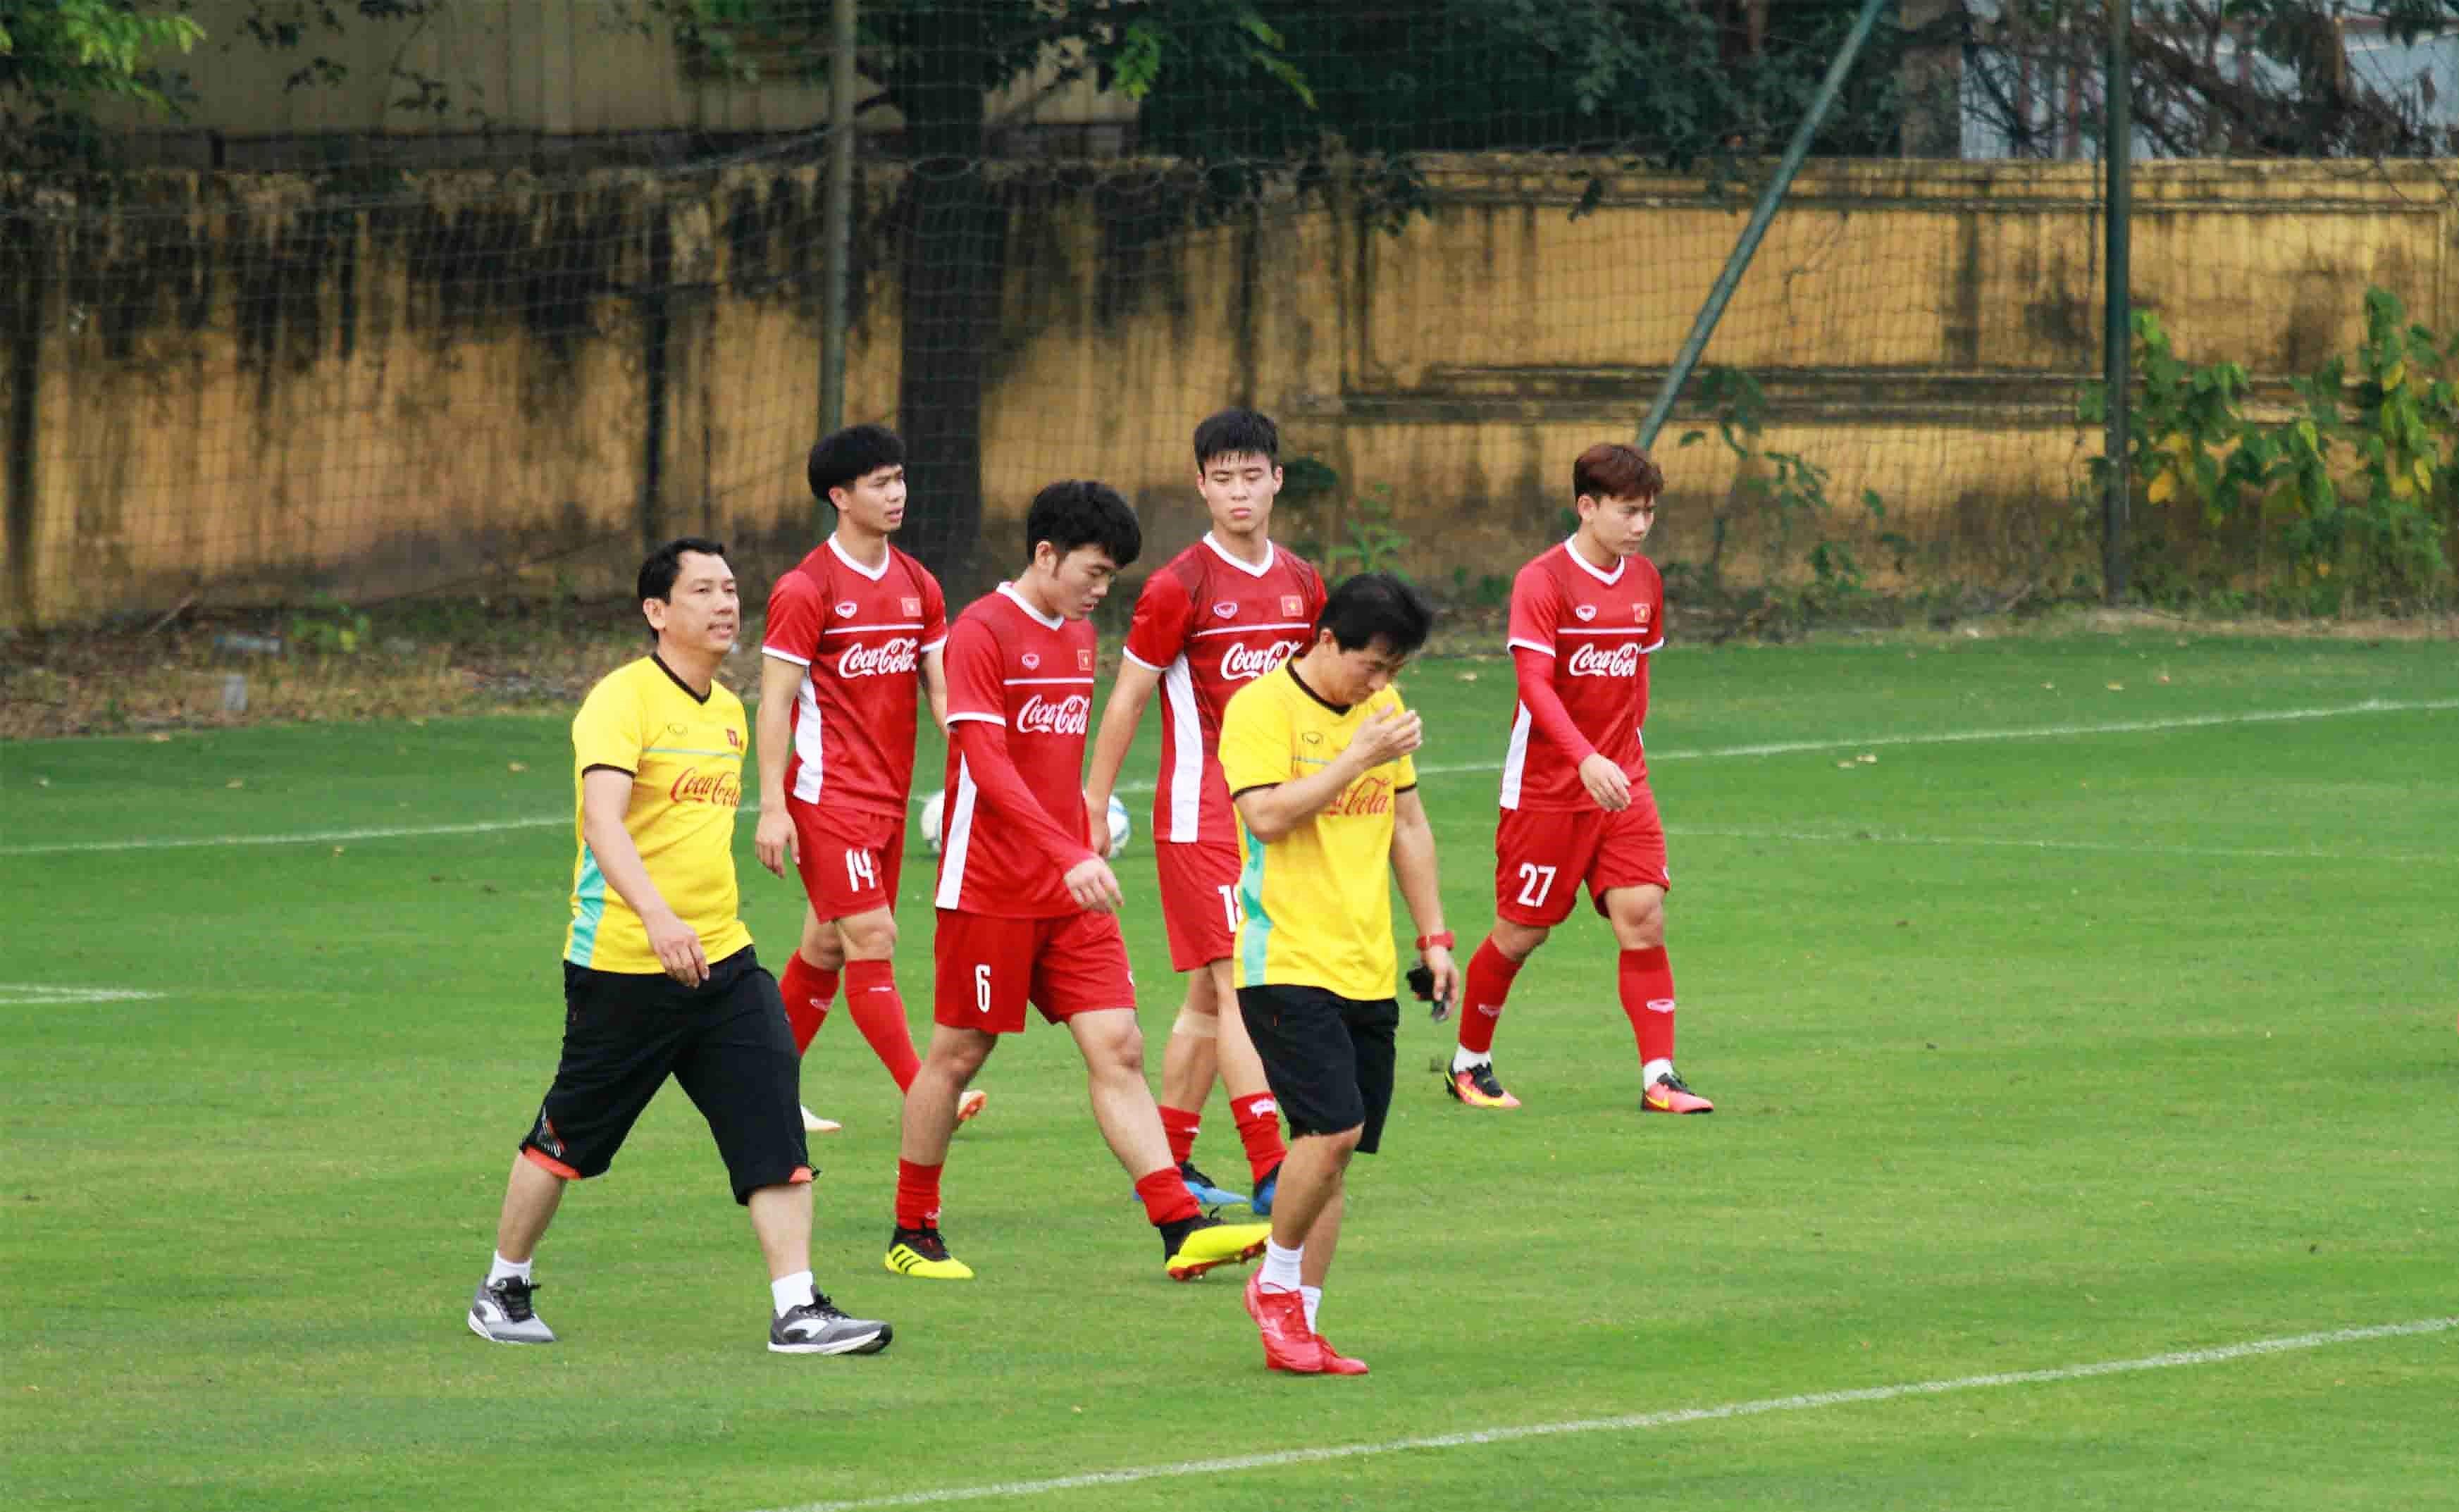 Nhật ký AFF Cup 2018: Đổi đội hình 2, thầy Park tìm chiến thuật mới - Bóng Đá